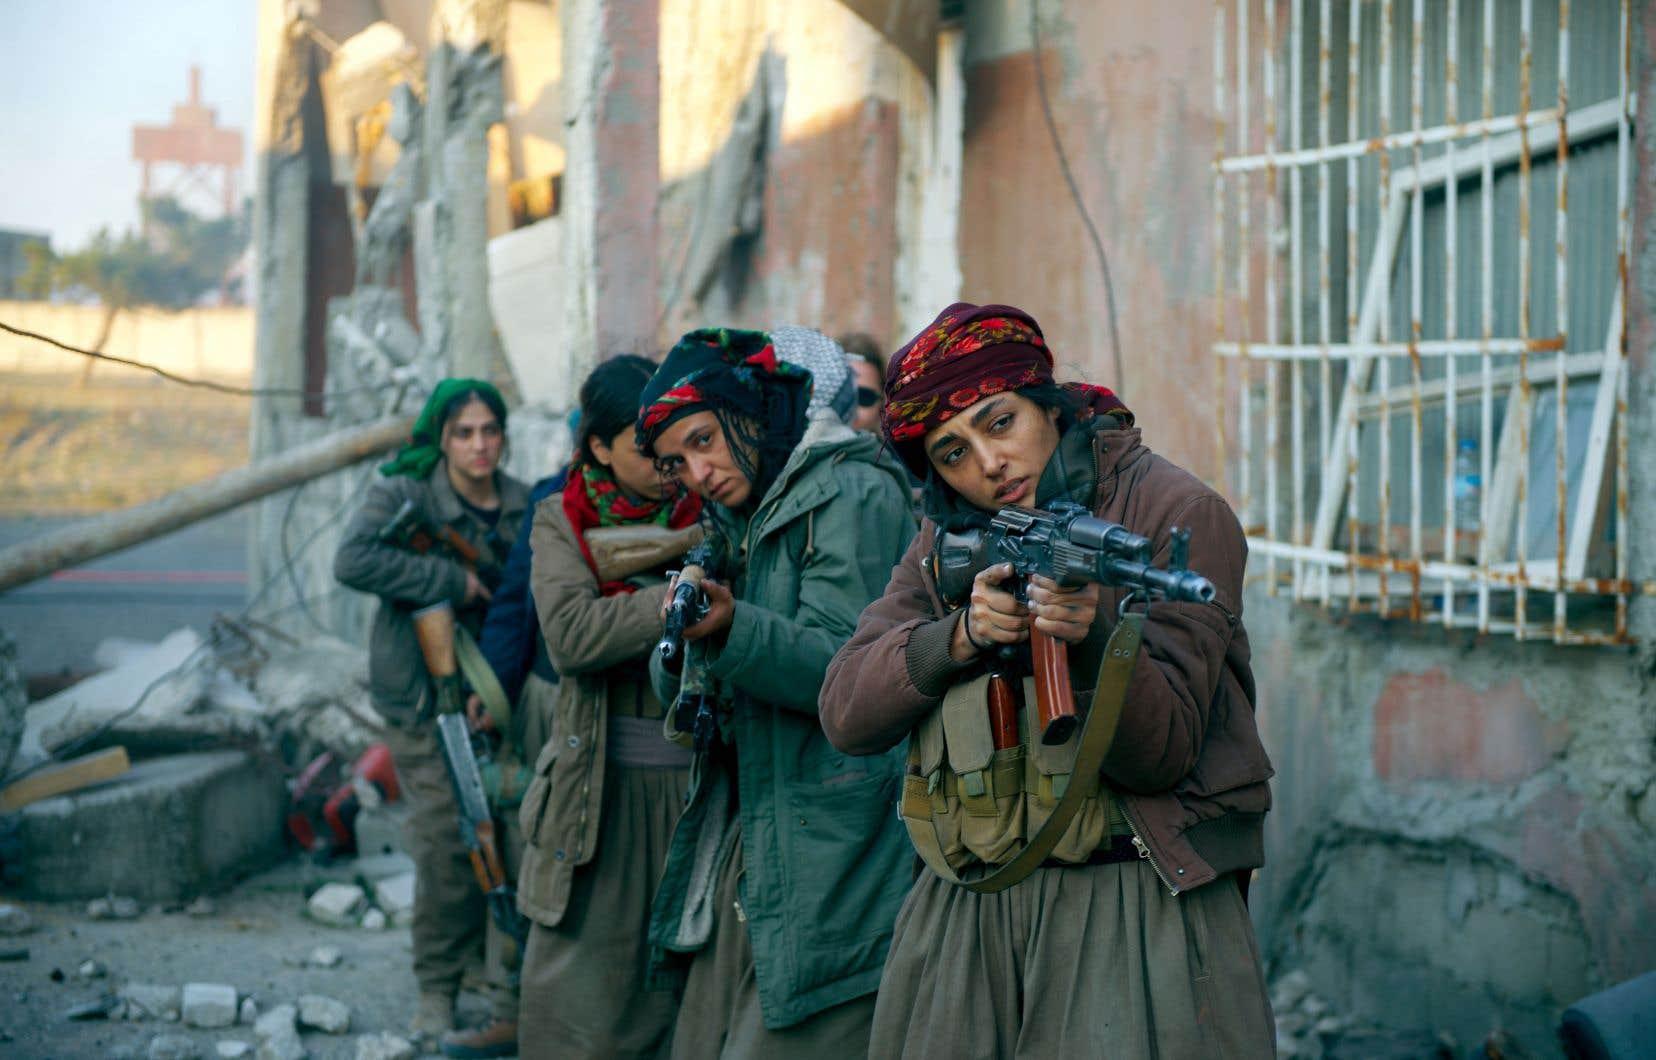 La lutte apparaît toujours trop traînante pour Bahar (Golshifteh Farahani), figure charismatique de ce bataillon de femmes kurdes prêtes à tout pour assouvir leur soif de vengeance, que l'on imagine impossible à étancher.